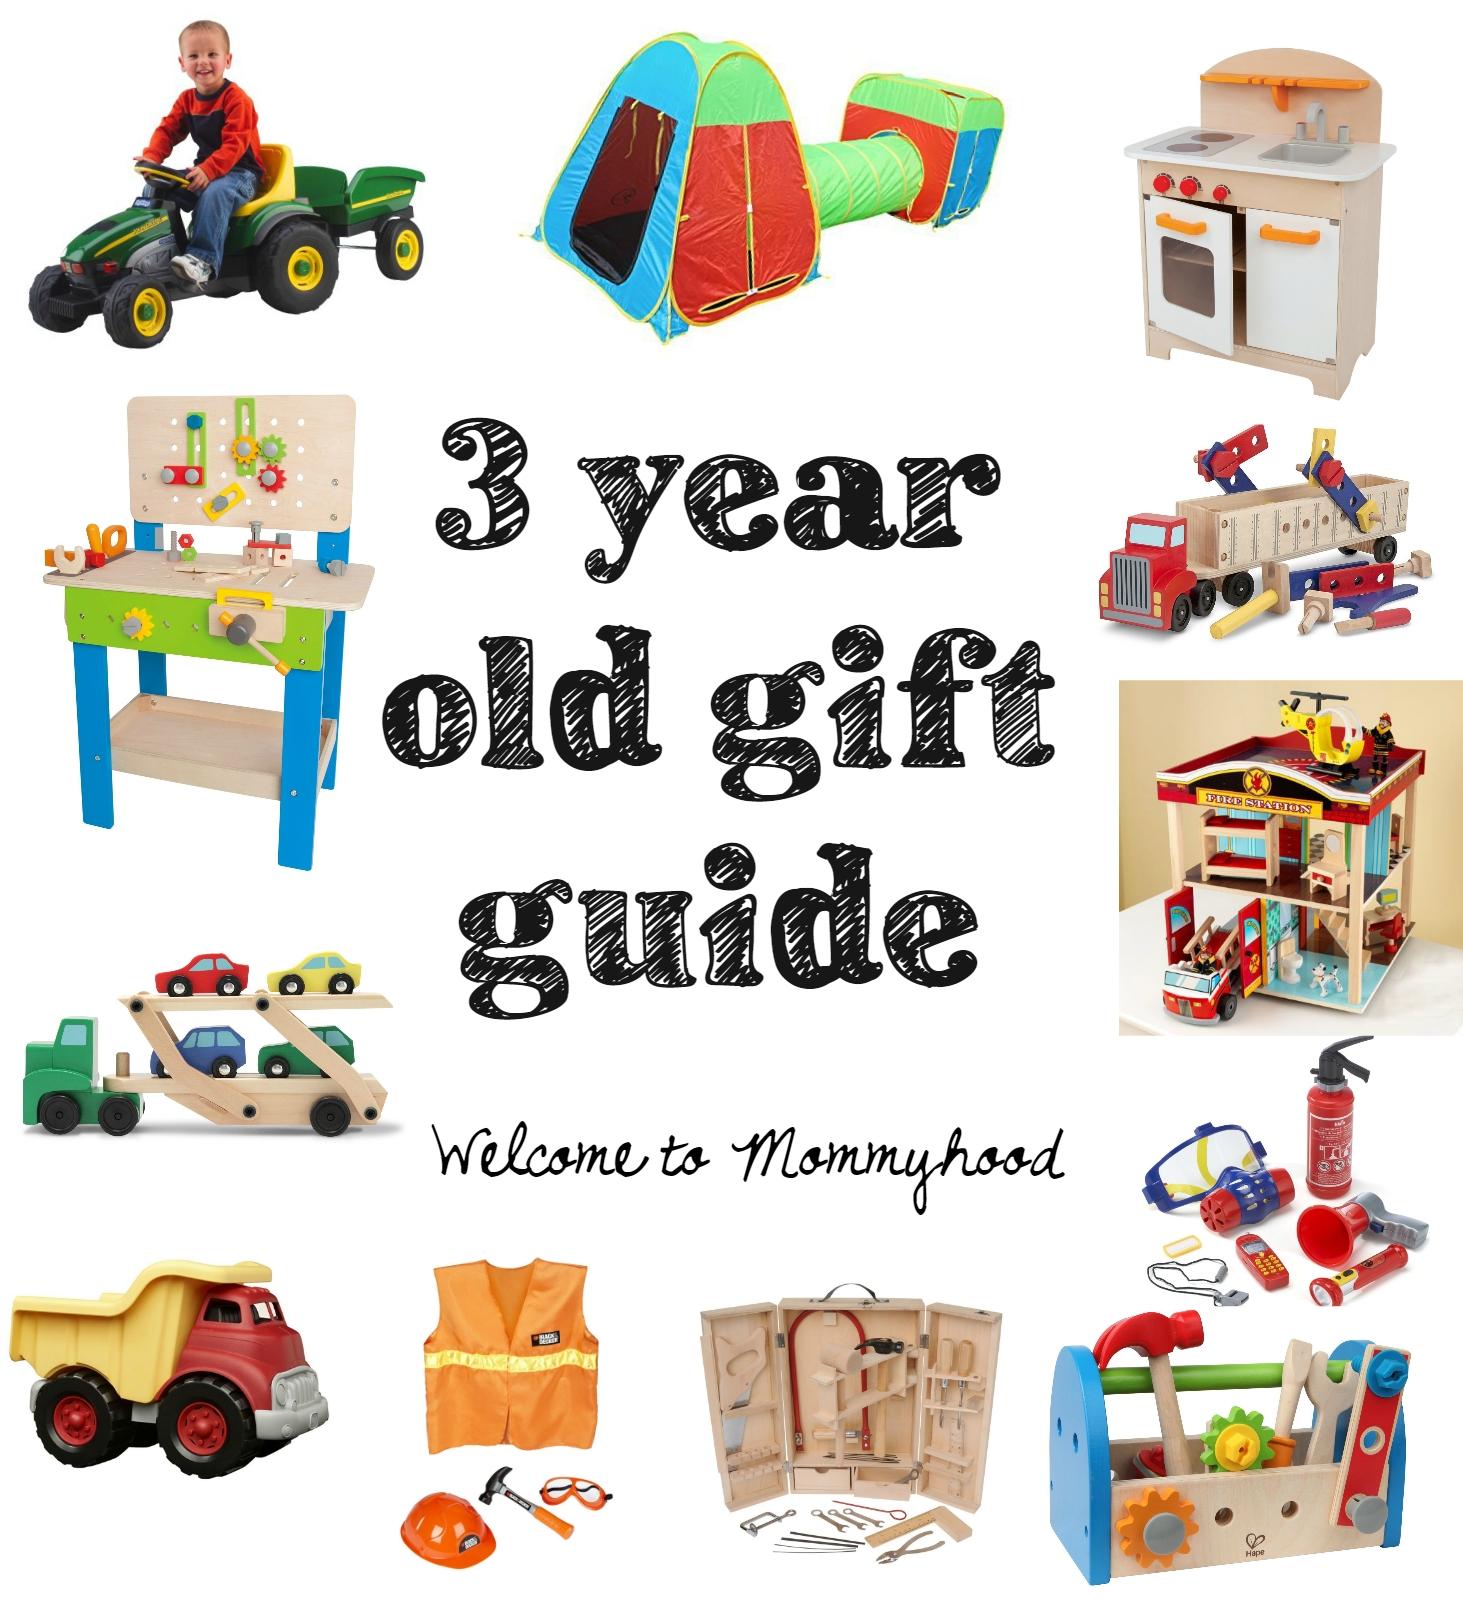 10 Cute Gift Ideas For A 3 Year Old Boy birthday gift ideas for a 3 year old third gift and birthdays 8 2020